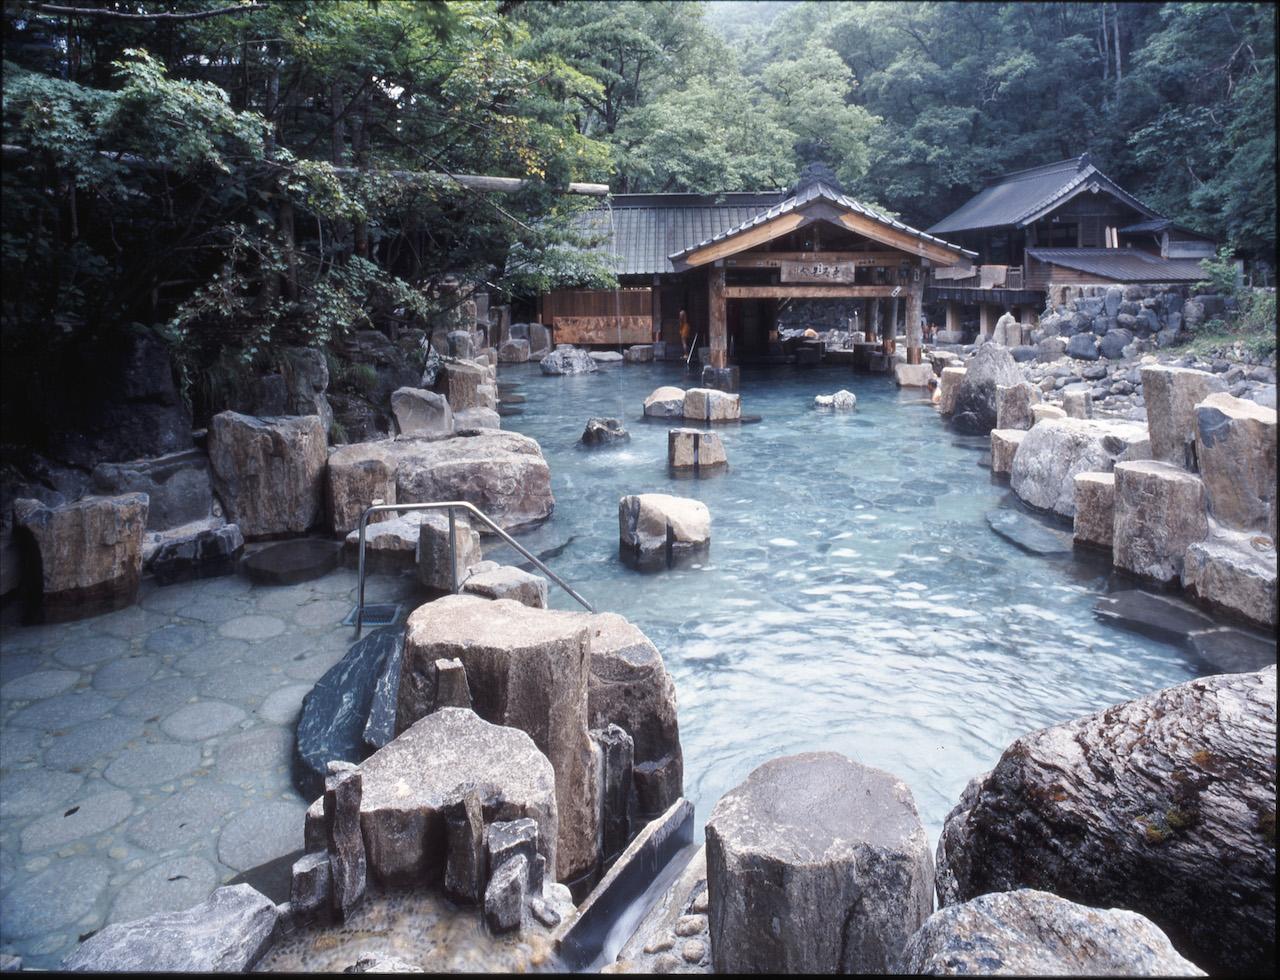 宝川温泉 混浴露天風呂  摩訶の湯(まか)